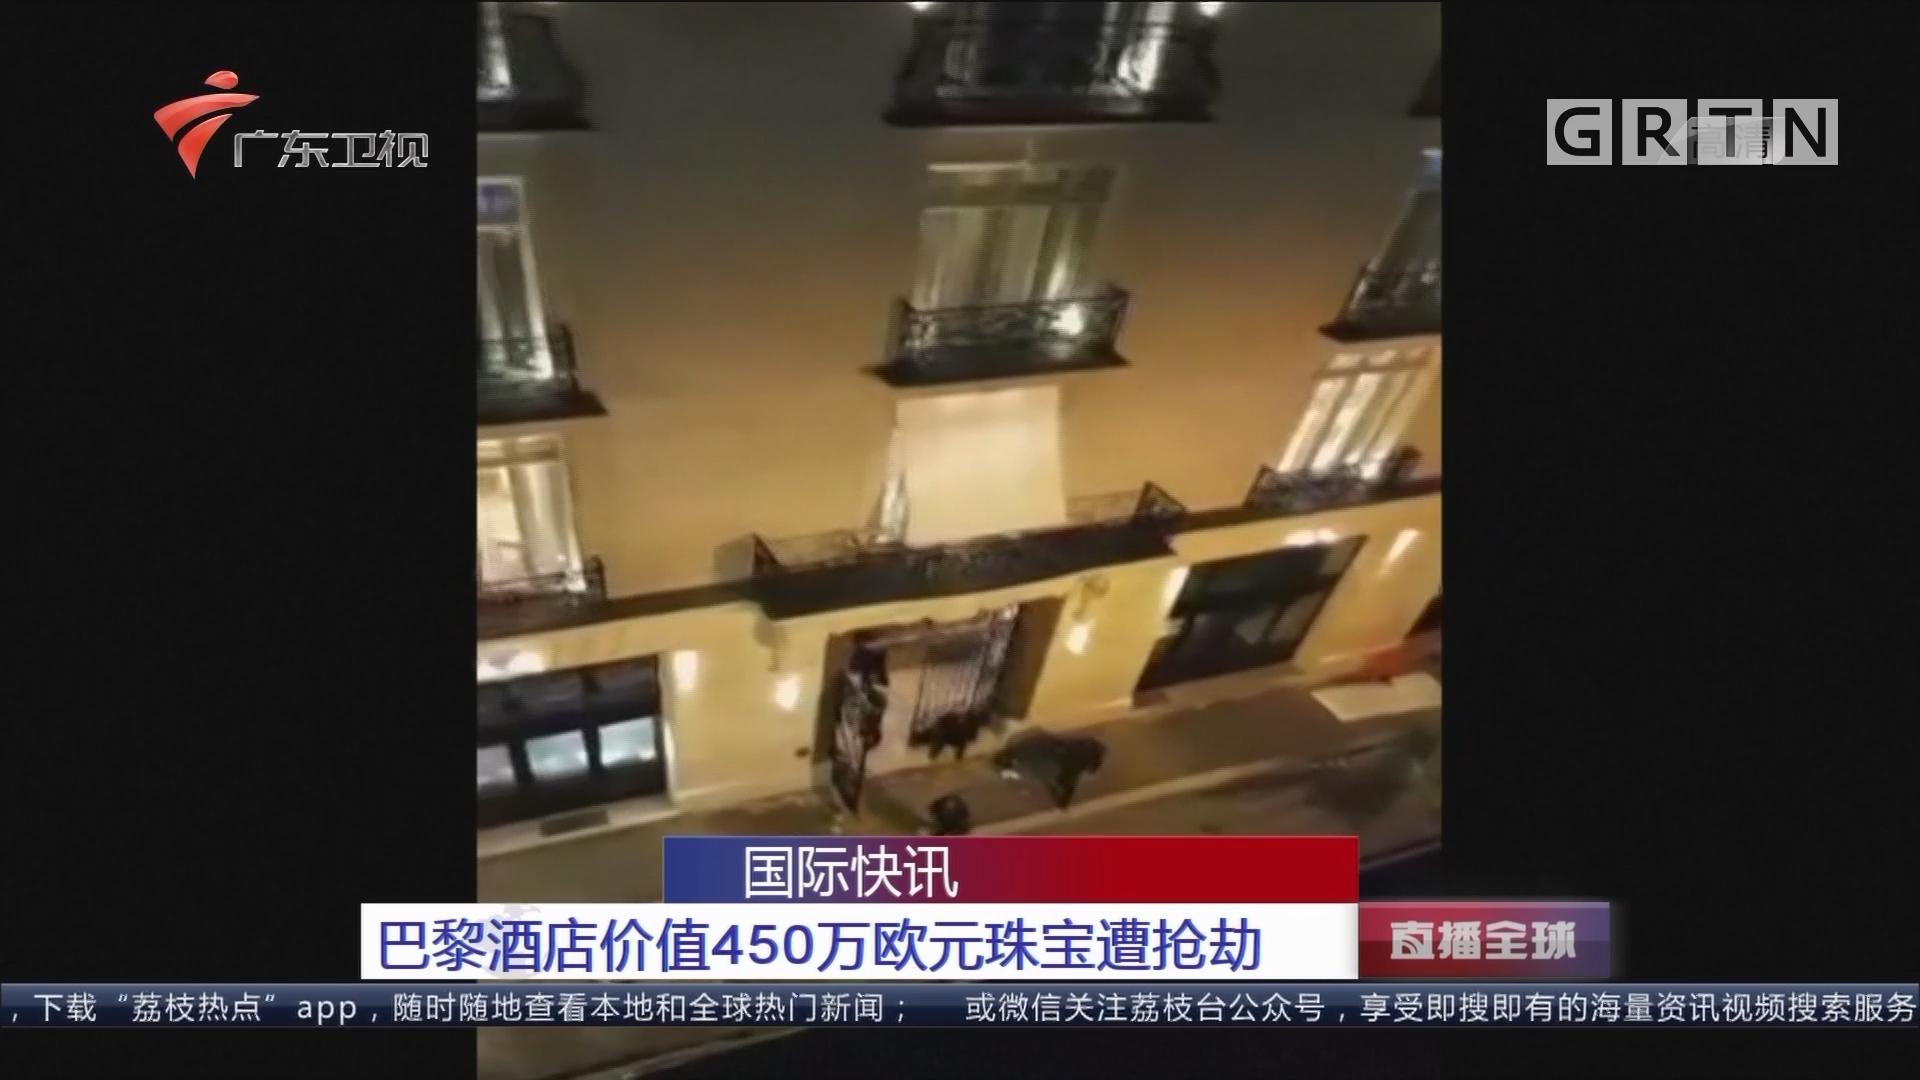 巴黎酒店价值450万欧元珠宝遭抢劫